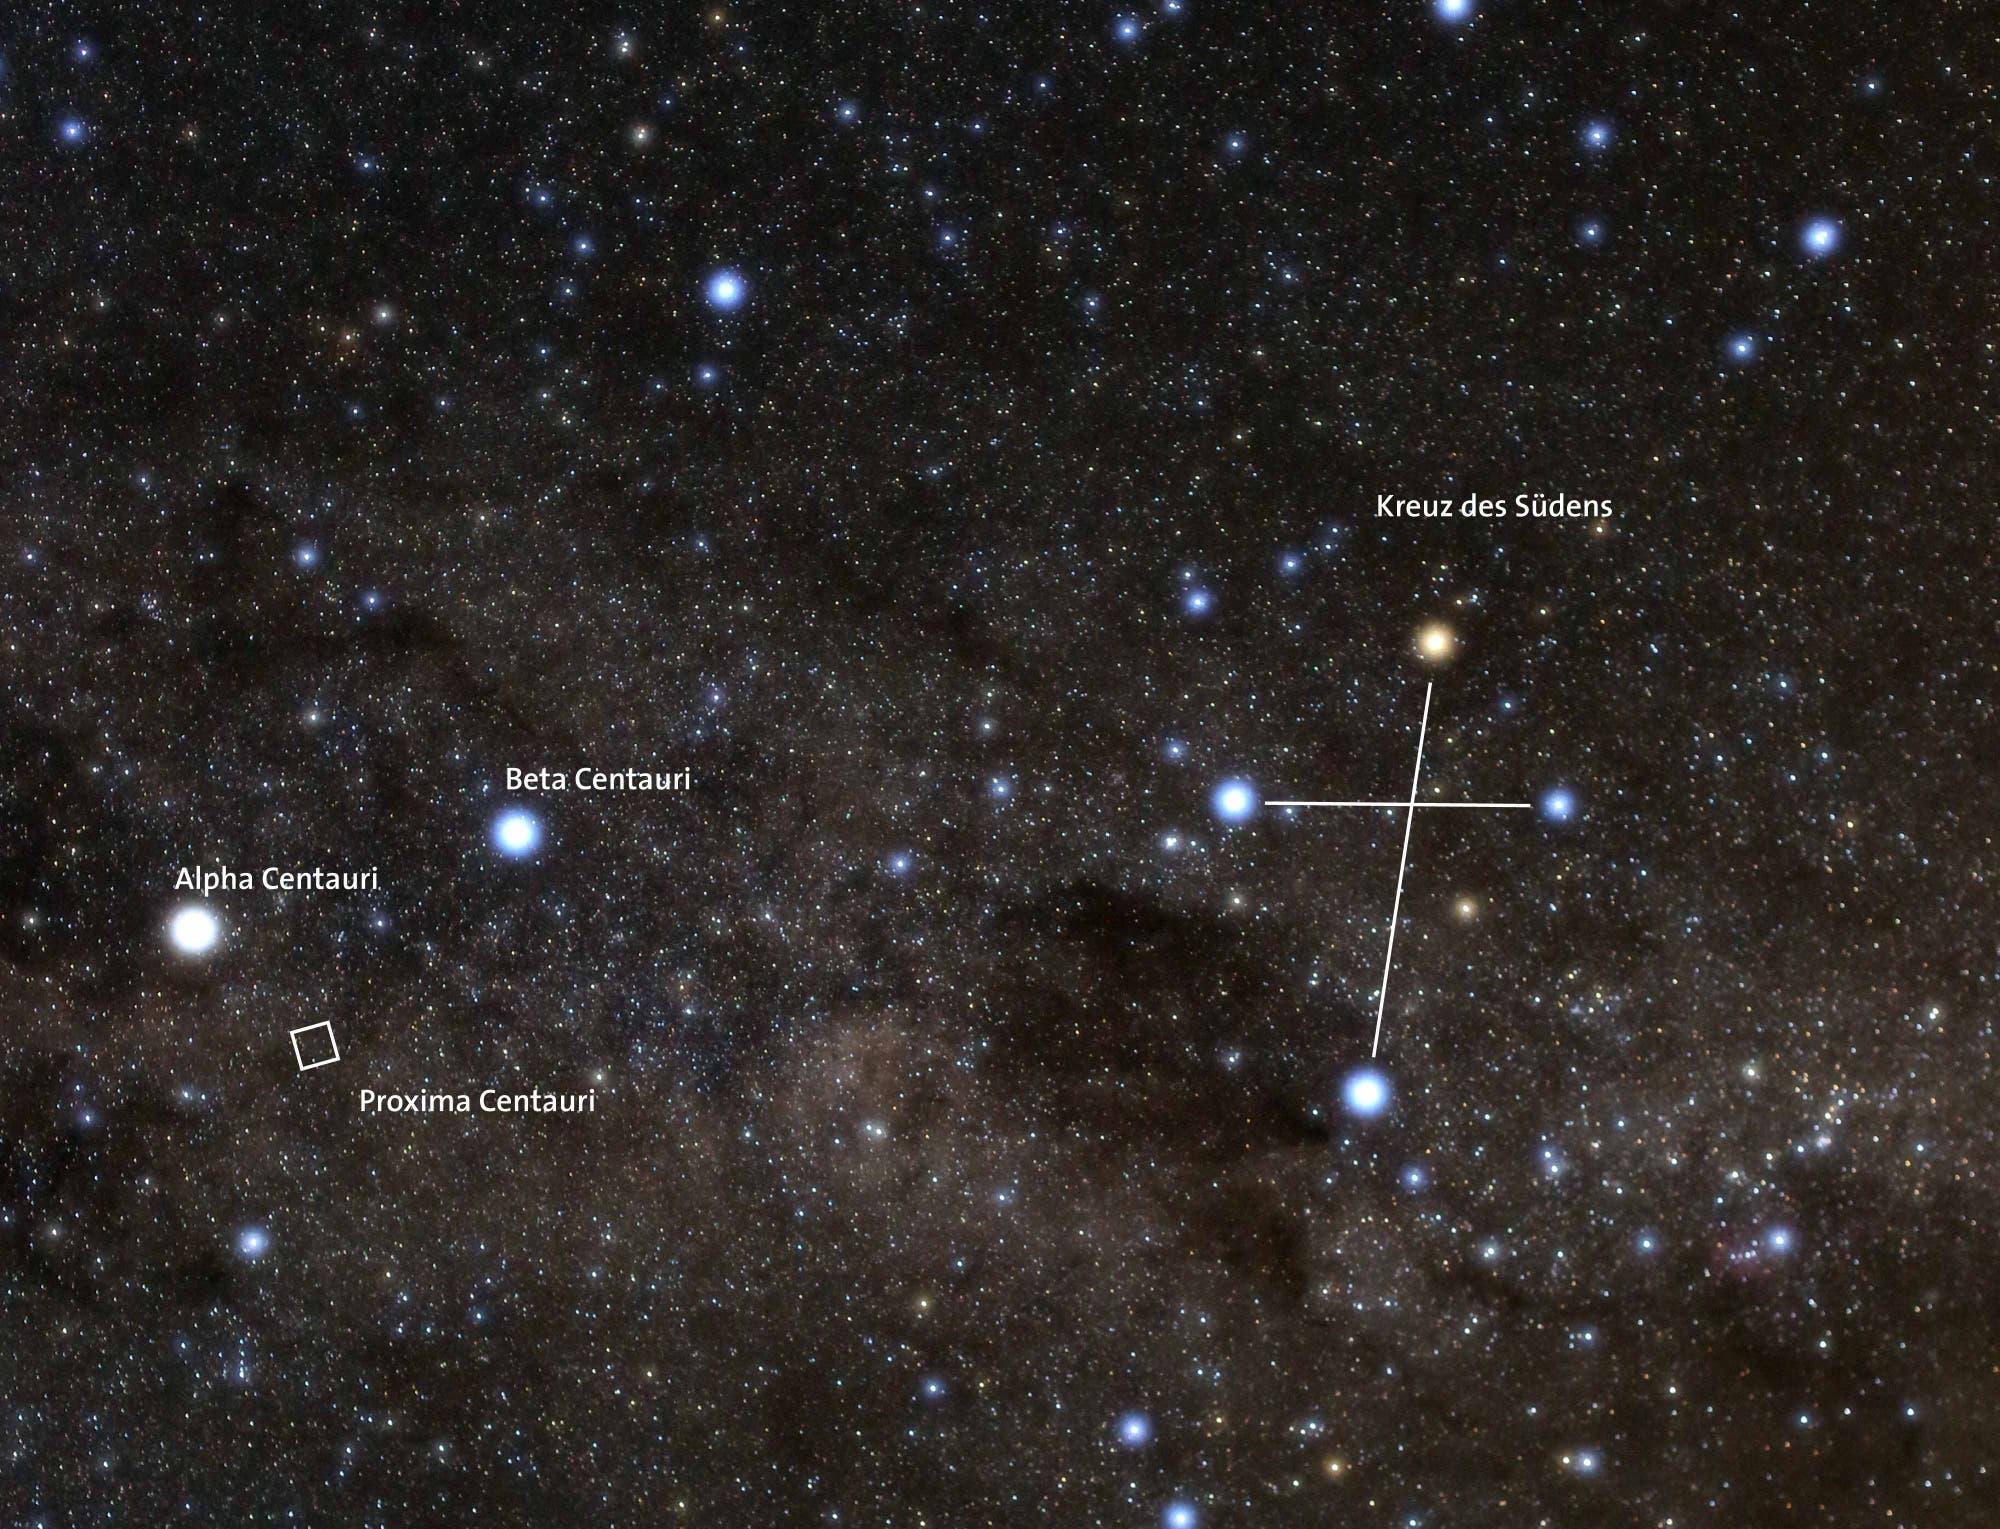 Proxima Centauri im südlichen Sternbild Zentaur (Übersichtsbild)